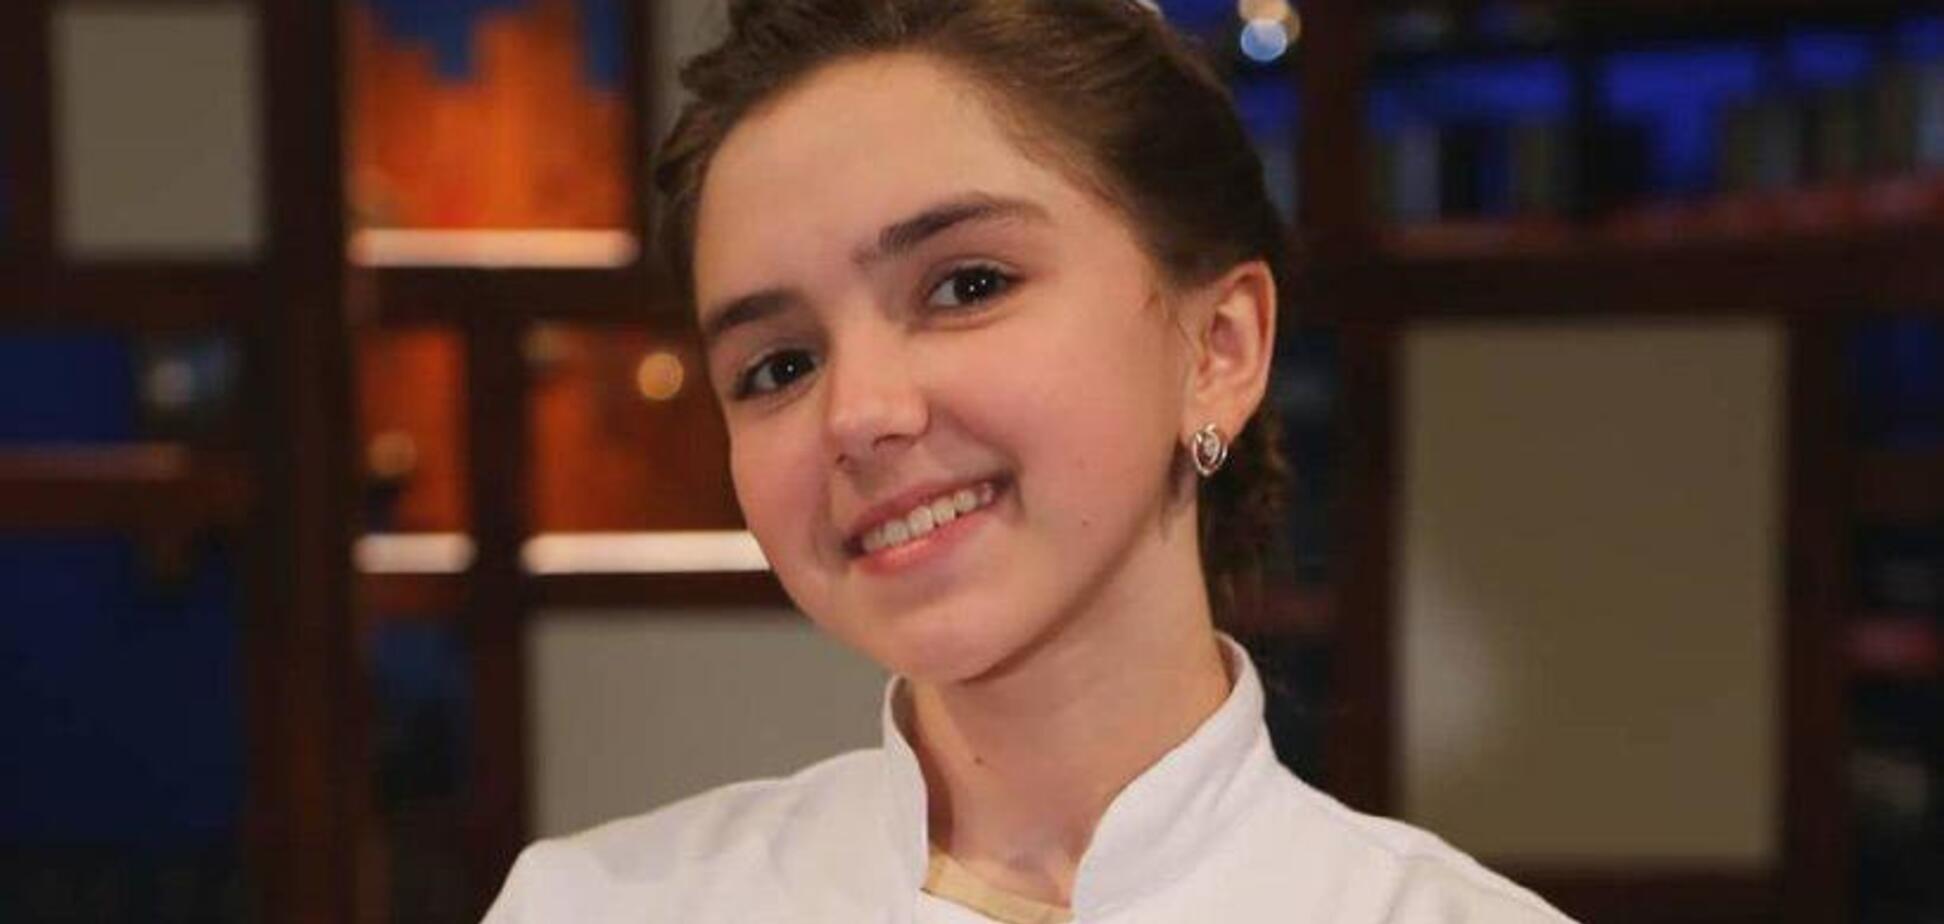 У 14-річної учасниці ''МастерШеф. Діти'' виявили рак: родина просить допомоги